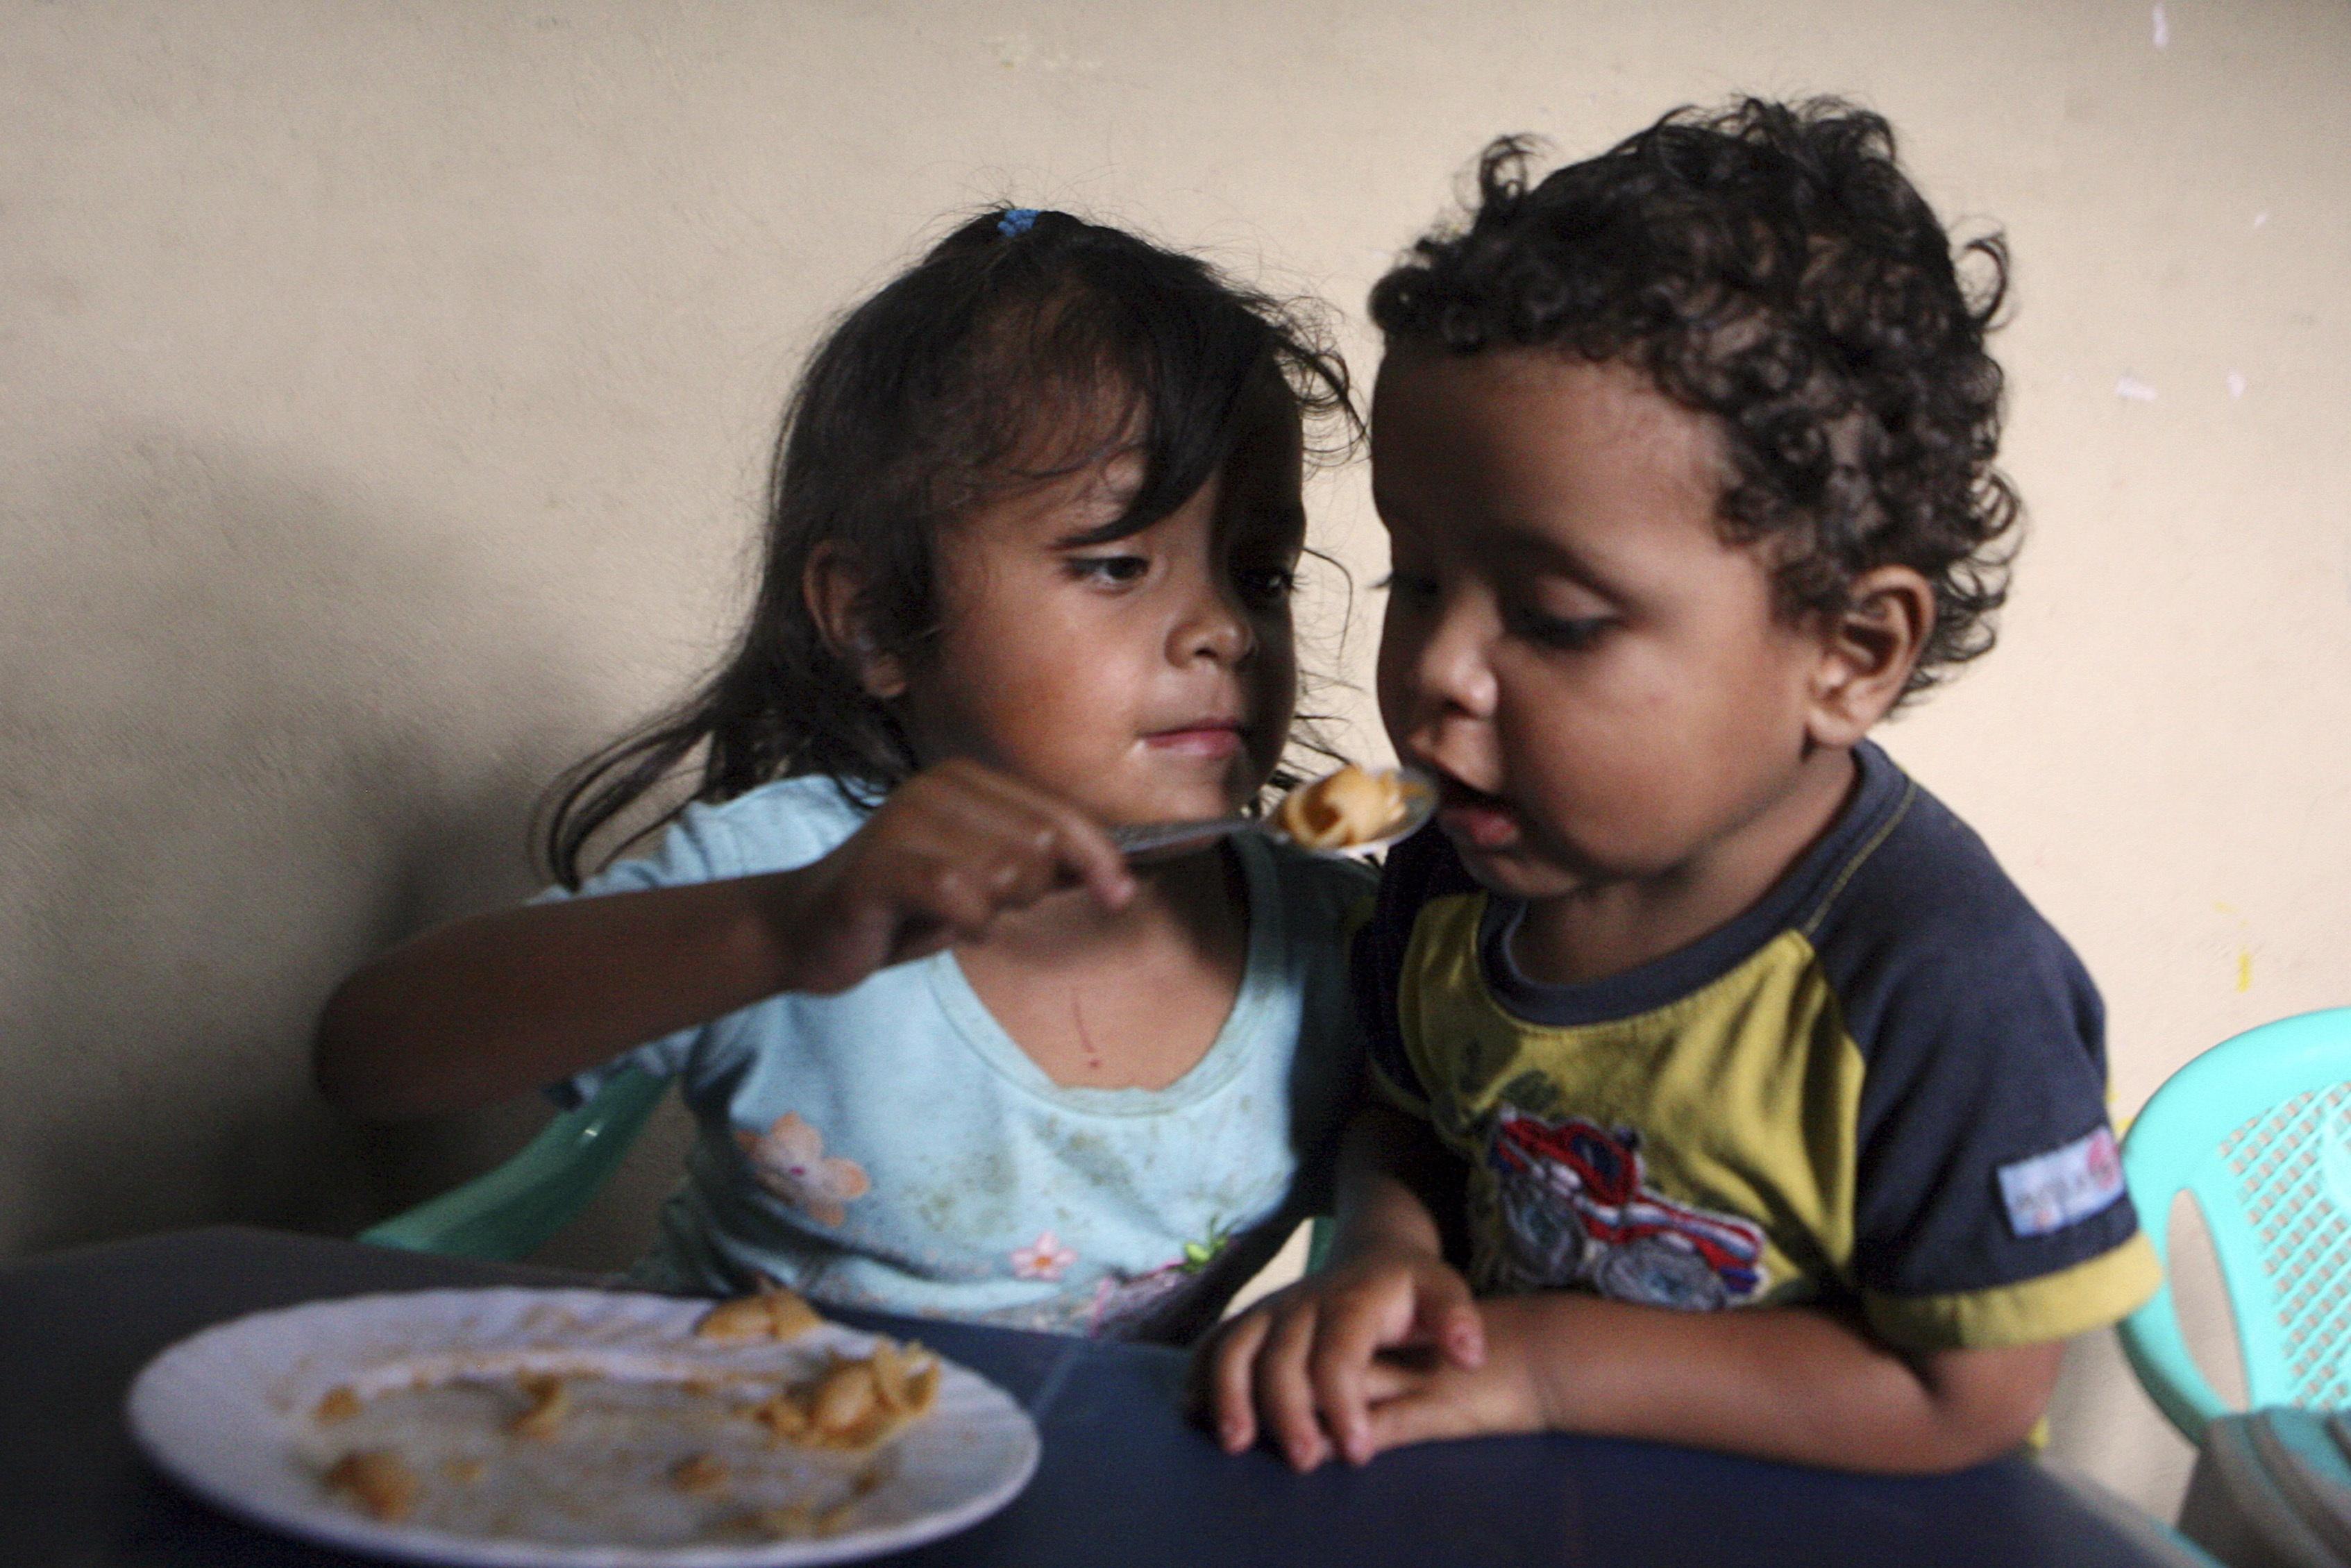 El BID anunció 2 000 millones para ayuda en Centroamérica y el Caribe